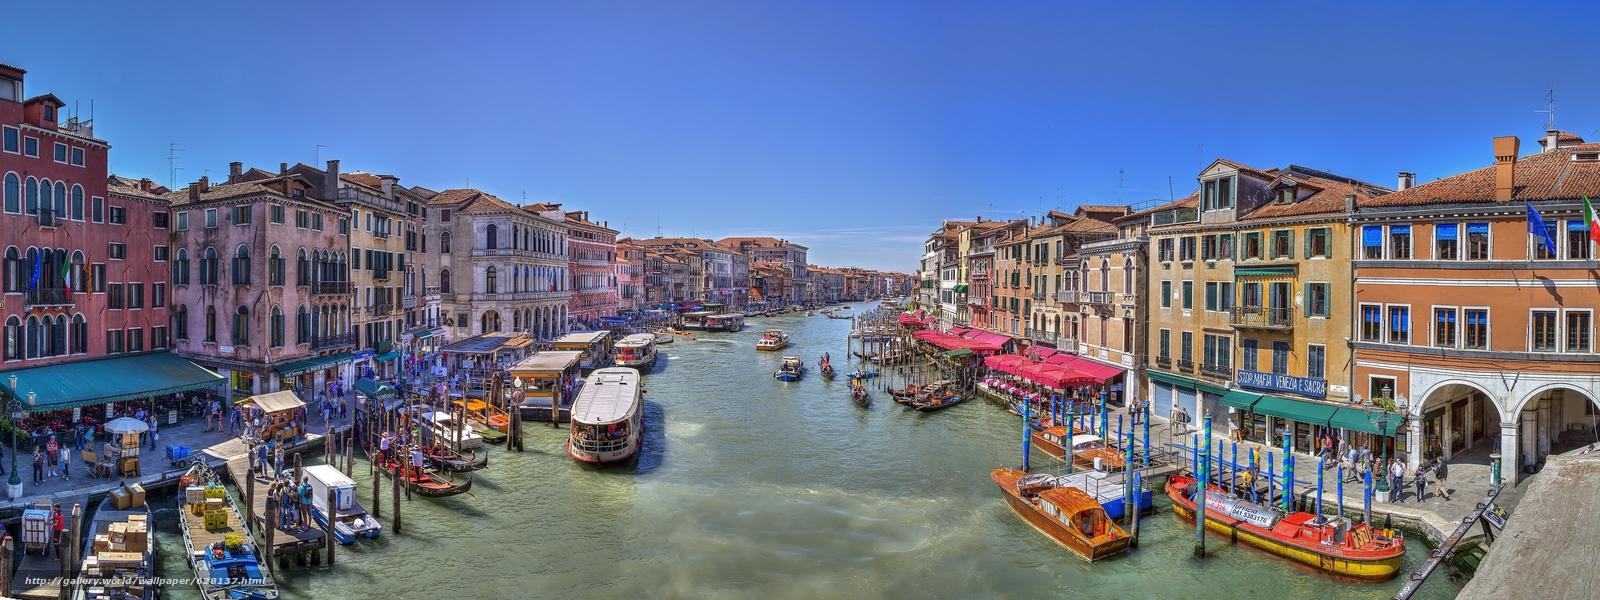 Grand Canal, Venice, венеция